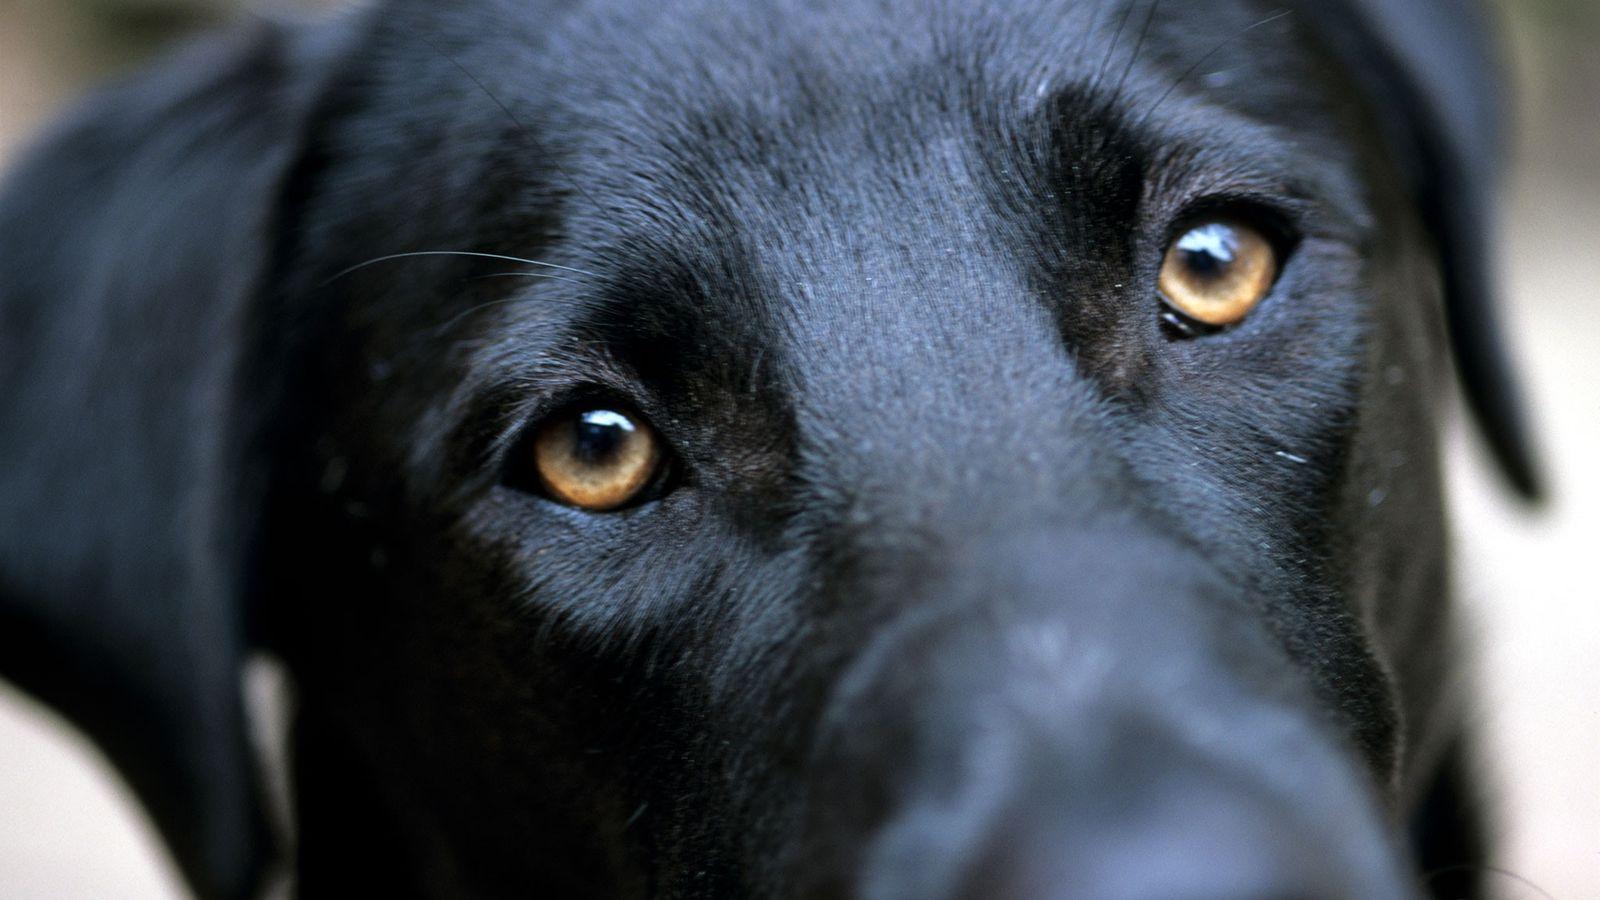 """Um labrador retriever expressa o que chamamos comumente de olhar """"olhar de cachorrinho pidão""""."""